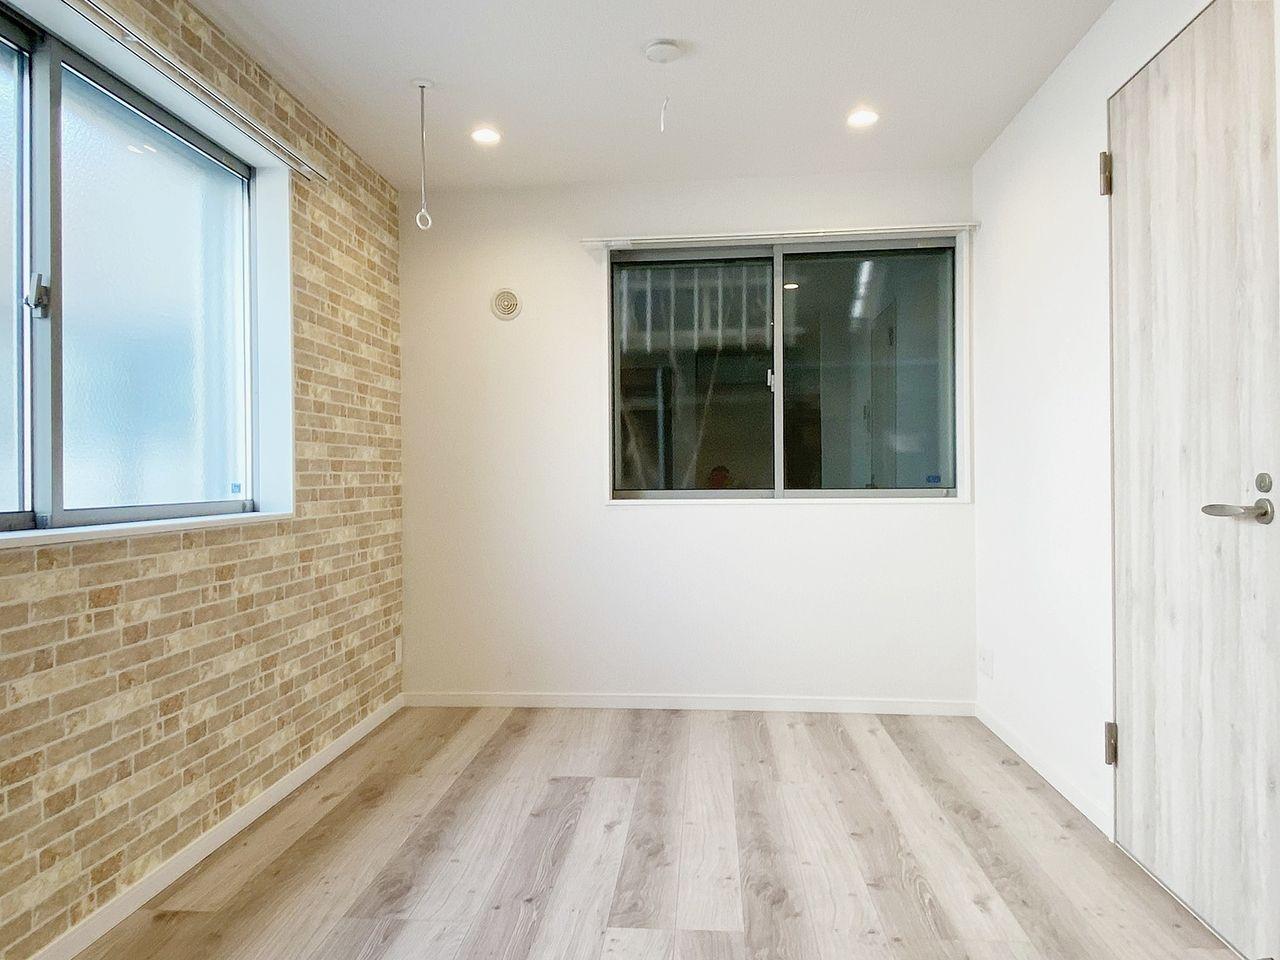 豊島区千早の賃貸マンション オーレ池袋西の室内です アクセントクロスが目を引くステキな内装です